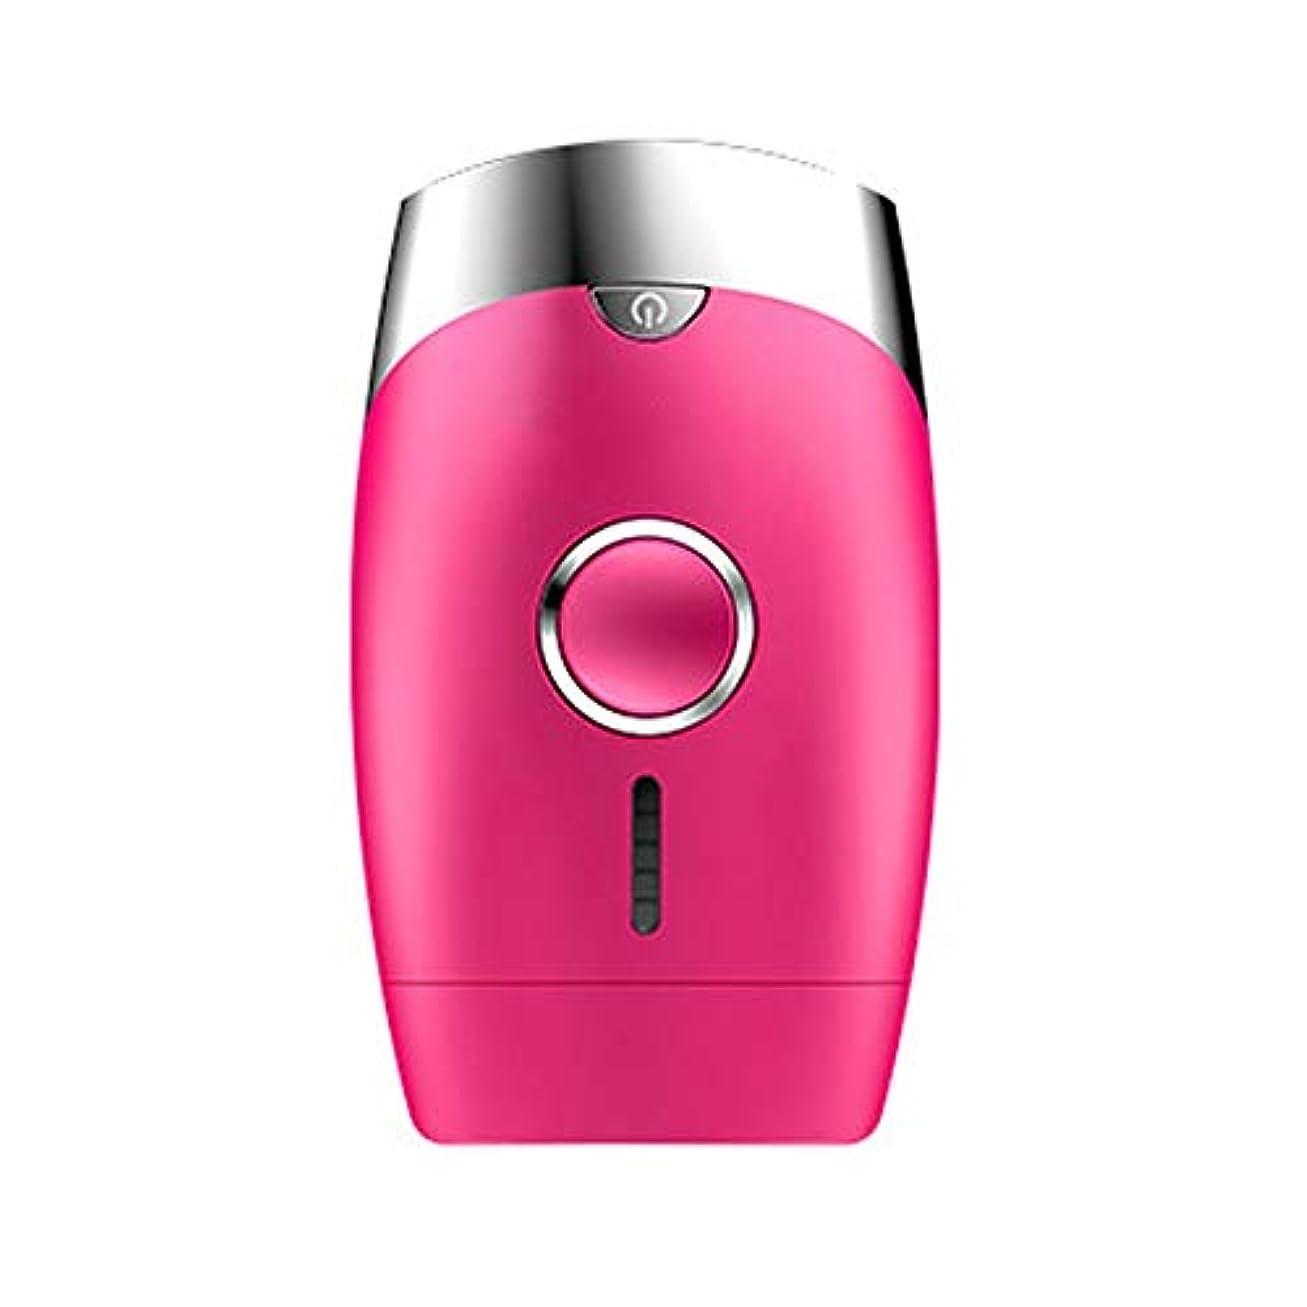 タックぶどう主導権ピンク、5スピード調整、インテリジェント家庭用痛みのない凝固点ヘアリムーバー、シングルフラッシュ/連続フラッシュ、サイズ13.9 X 8.3 X 4.8 Cm 髪以外はきれい (Color : Pink)